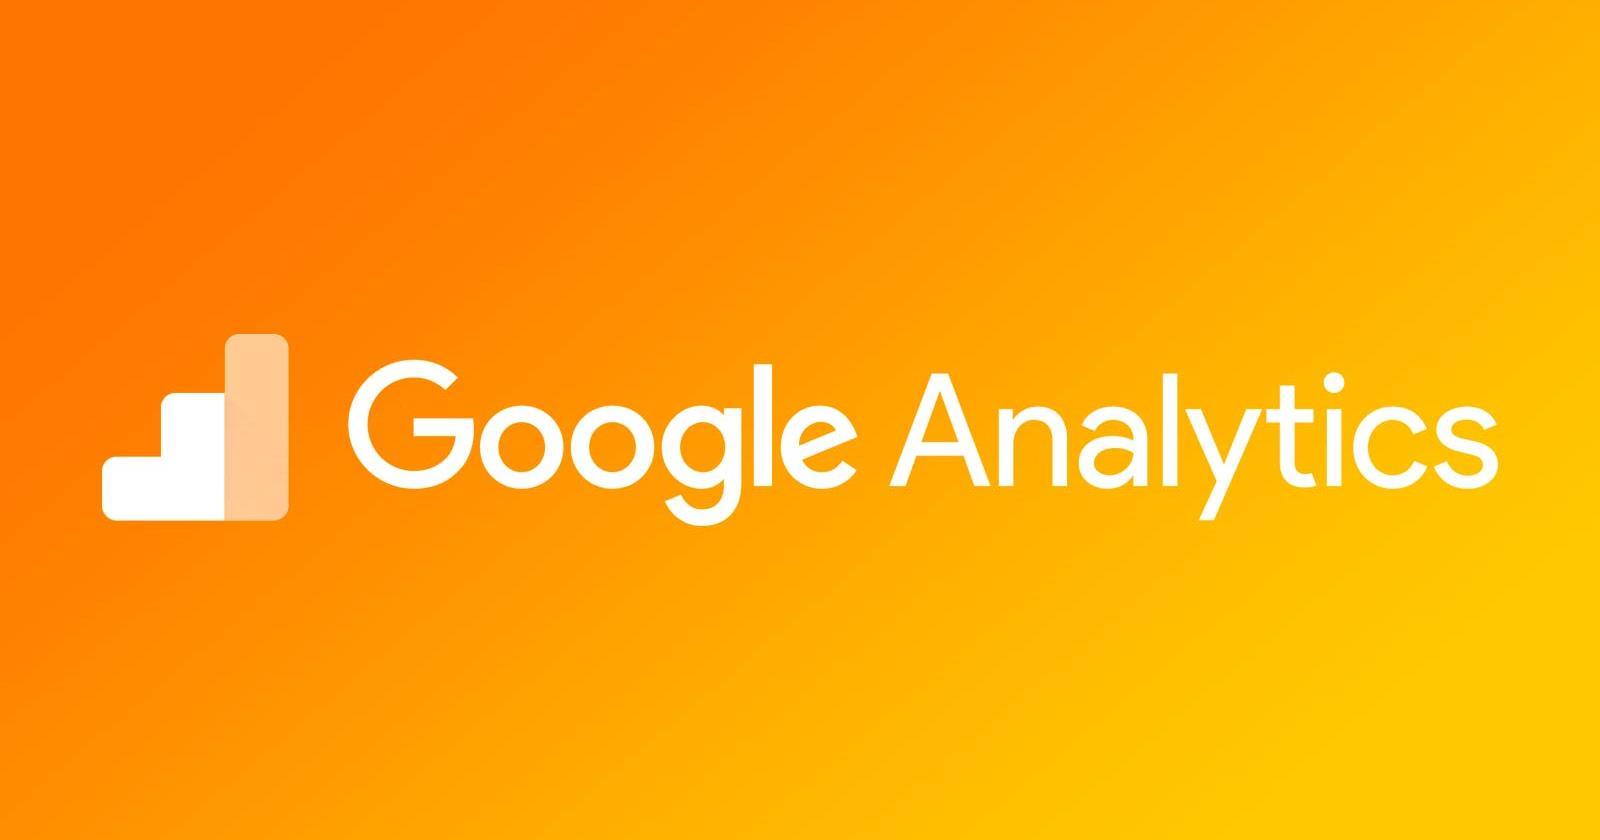 google analytics - важный элемент в построении успешного бизнеса